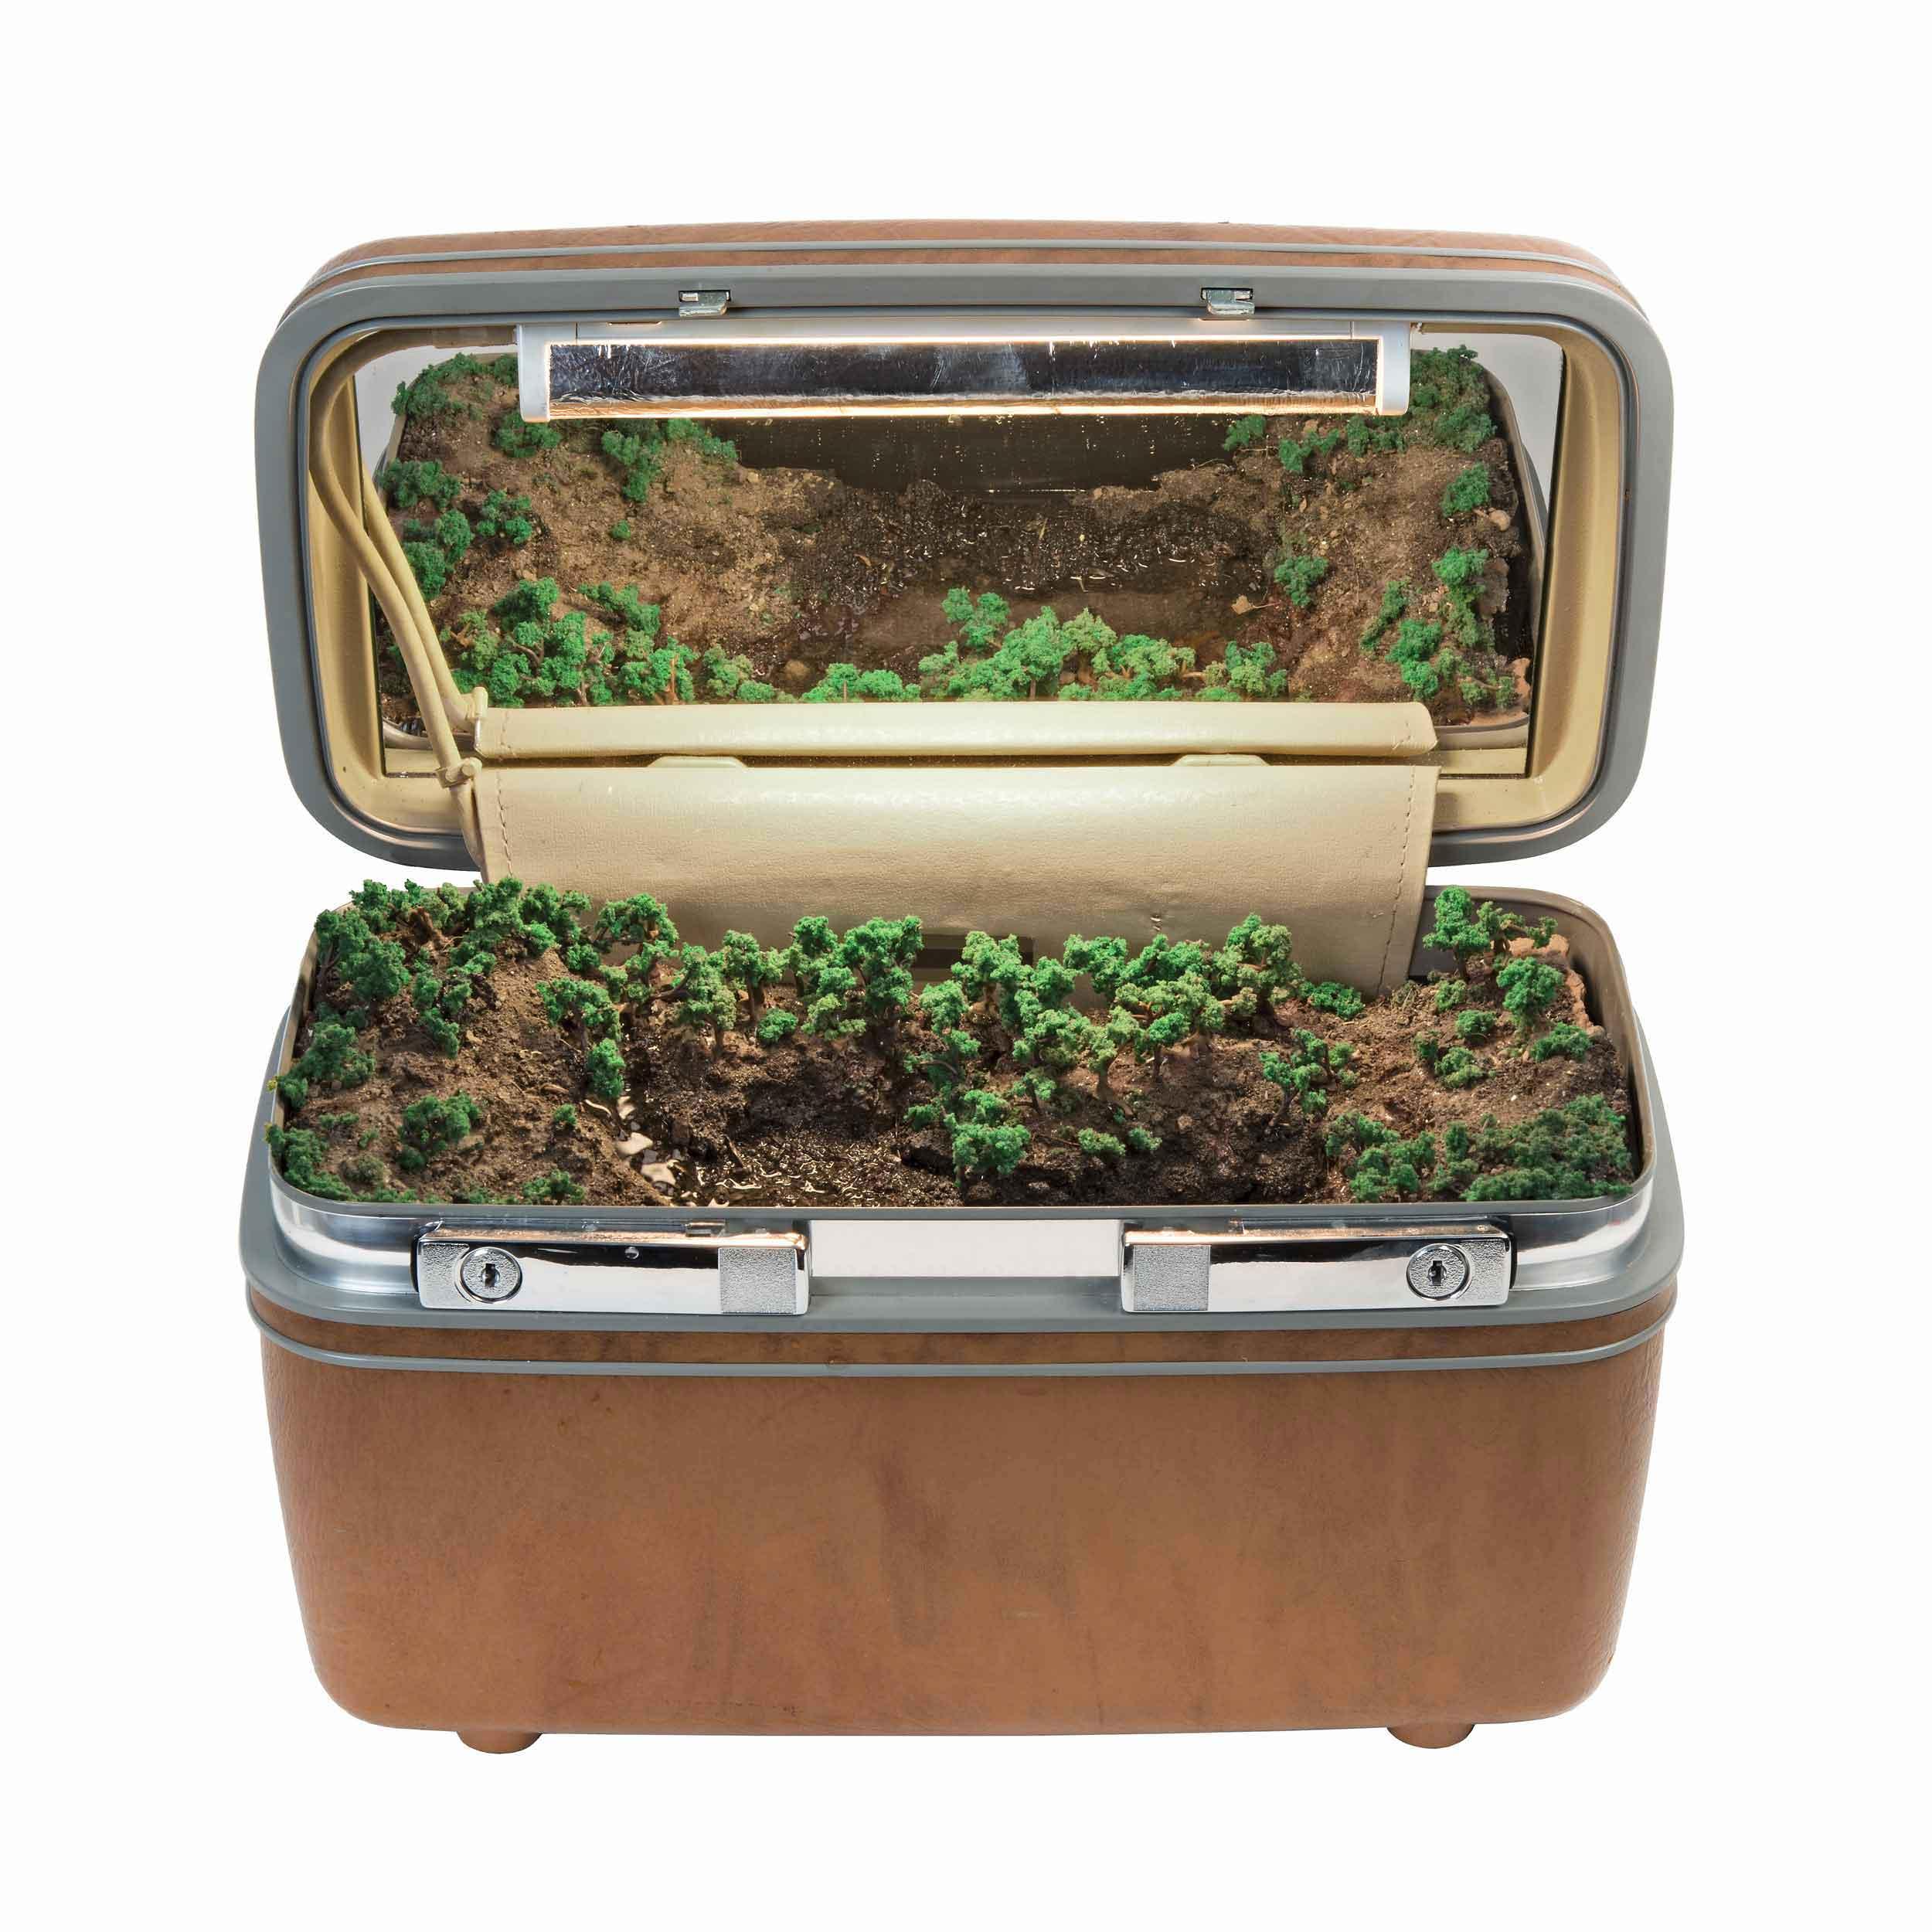 Traveling Landscapes, ecosistemi in miniatura all'interno di valigie vintage | Collater.al